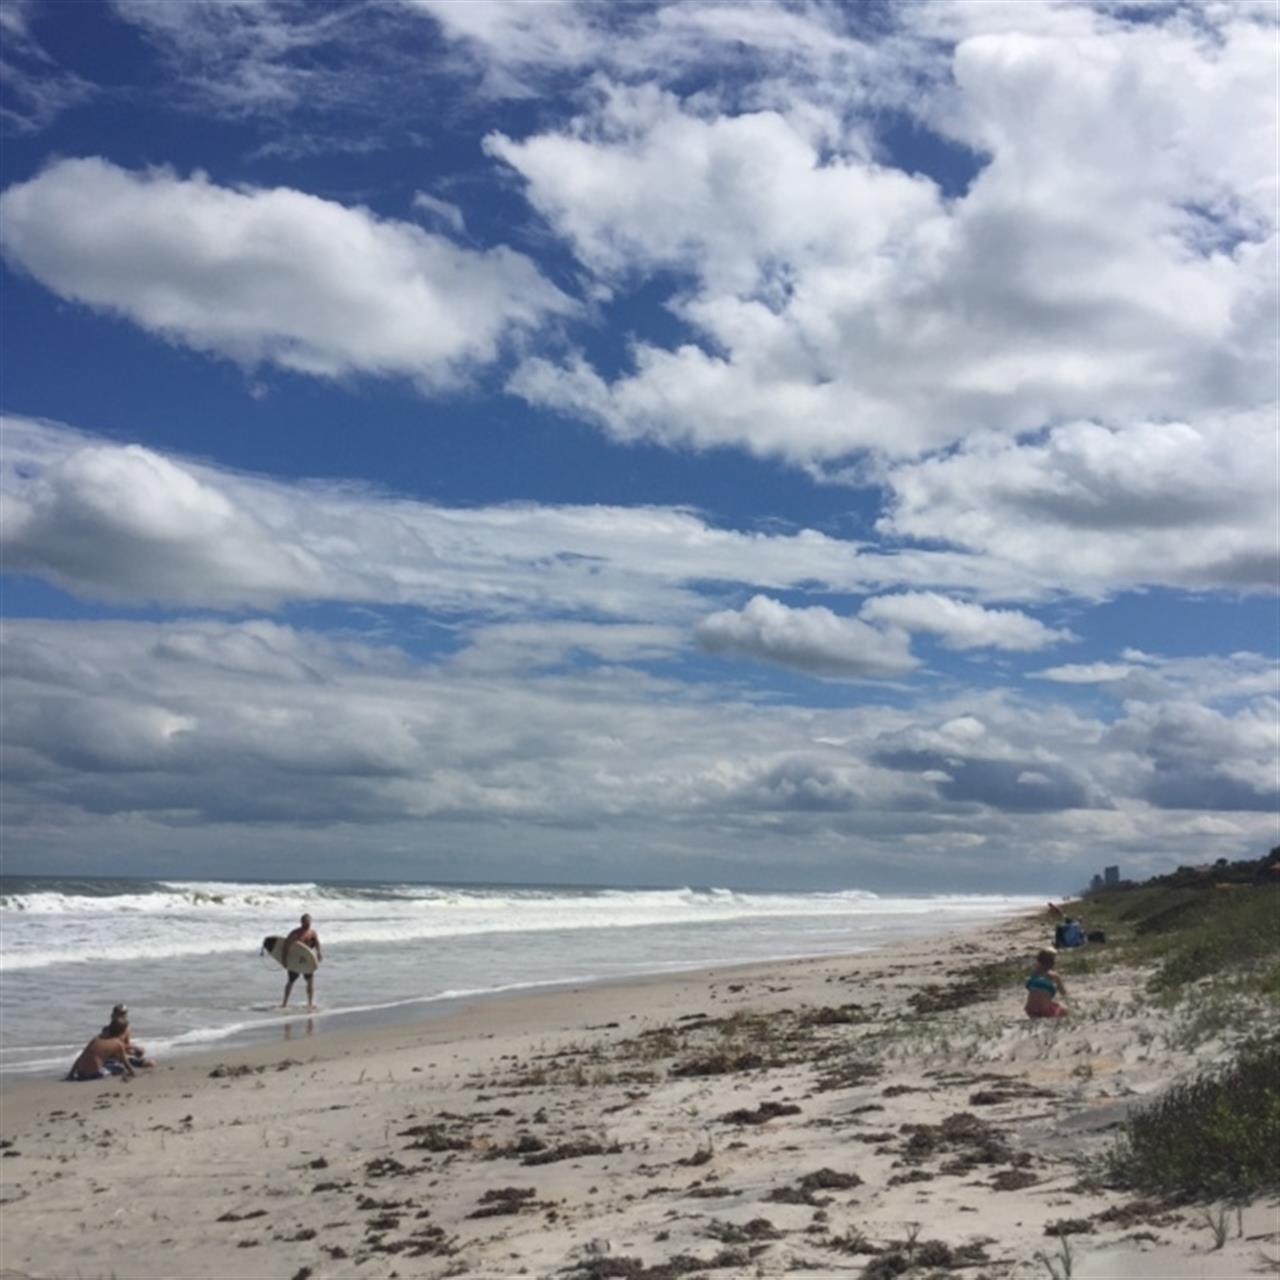 Ormond Beach Florida